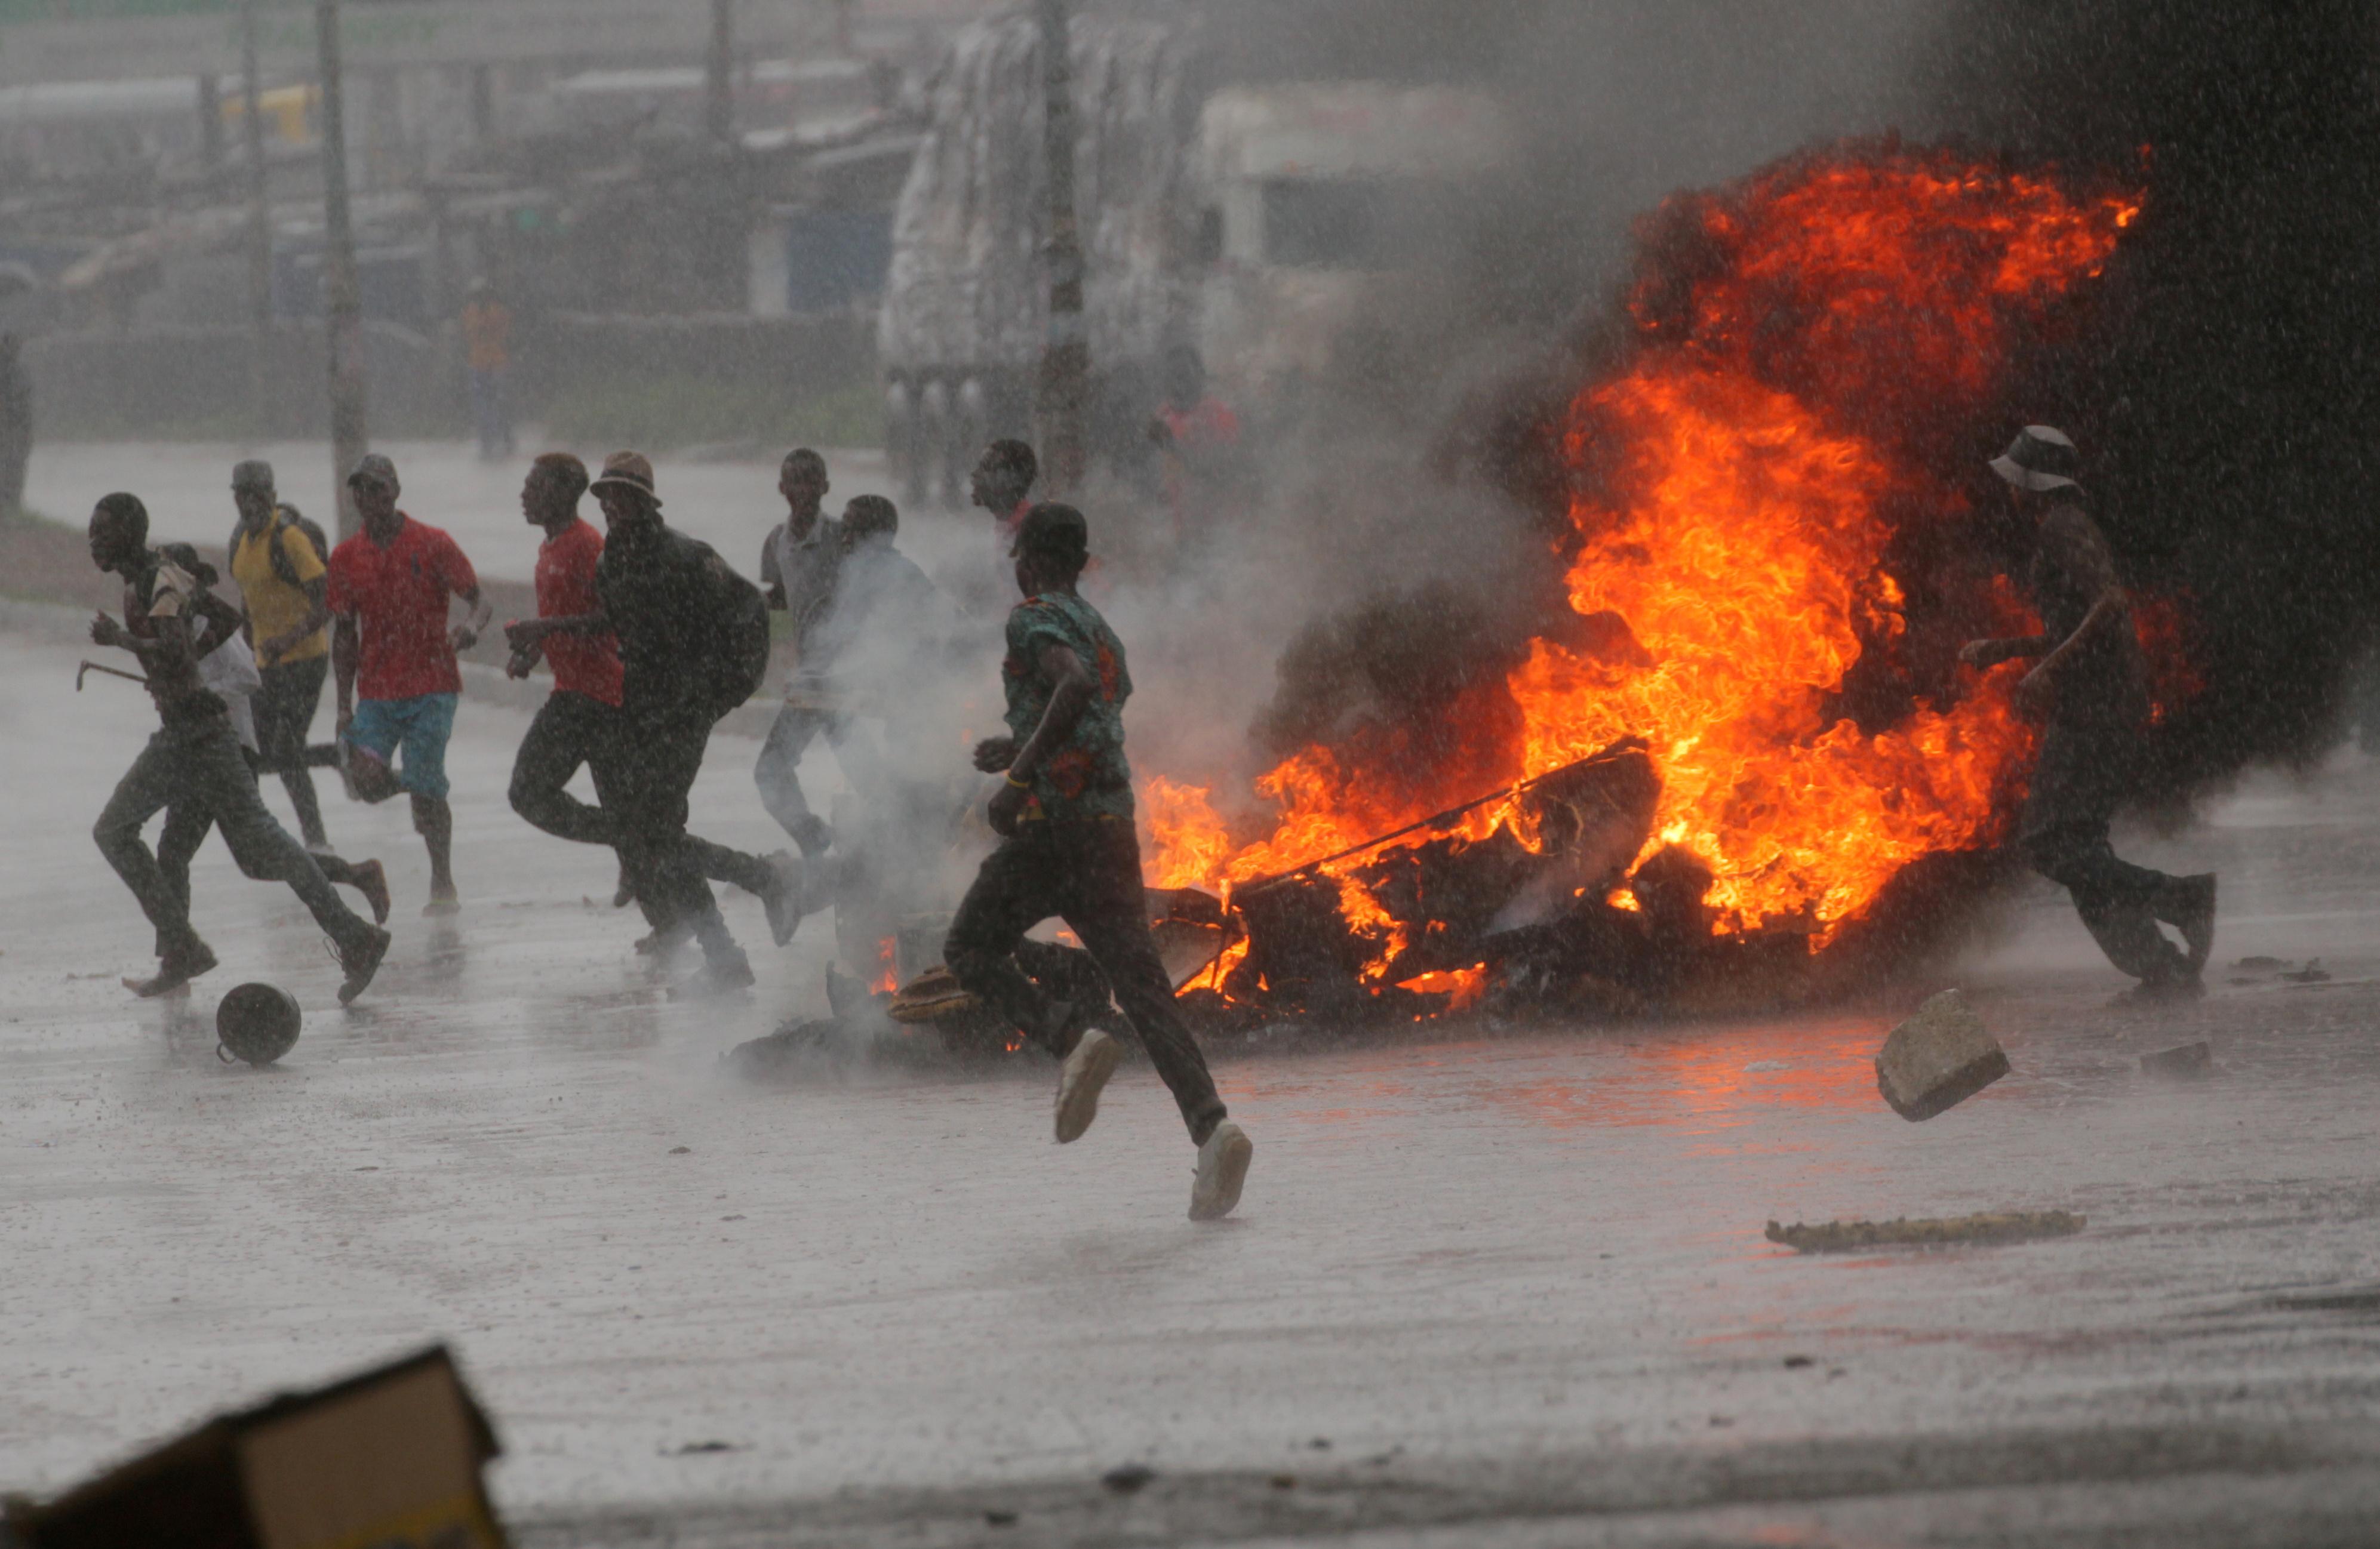 La gente corre en una protesta mientras las barricadas se queman en medio de una intensa lluvia en la ciudad capital de Harare, Zimbabue. Los/as metodistas unidos/as están pidiendo oraciones por la paz en medio de los enfrentamientos entre los/as manifestantes y las fuerzas de seguridad tras un aumento en los precios del combustible. Foto por Philimon Bulawayo, Reuters. No reutilizar. Uso único.